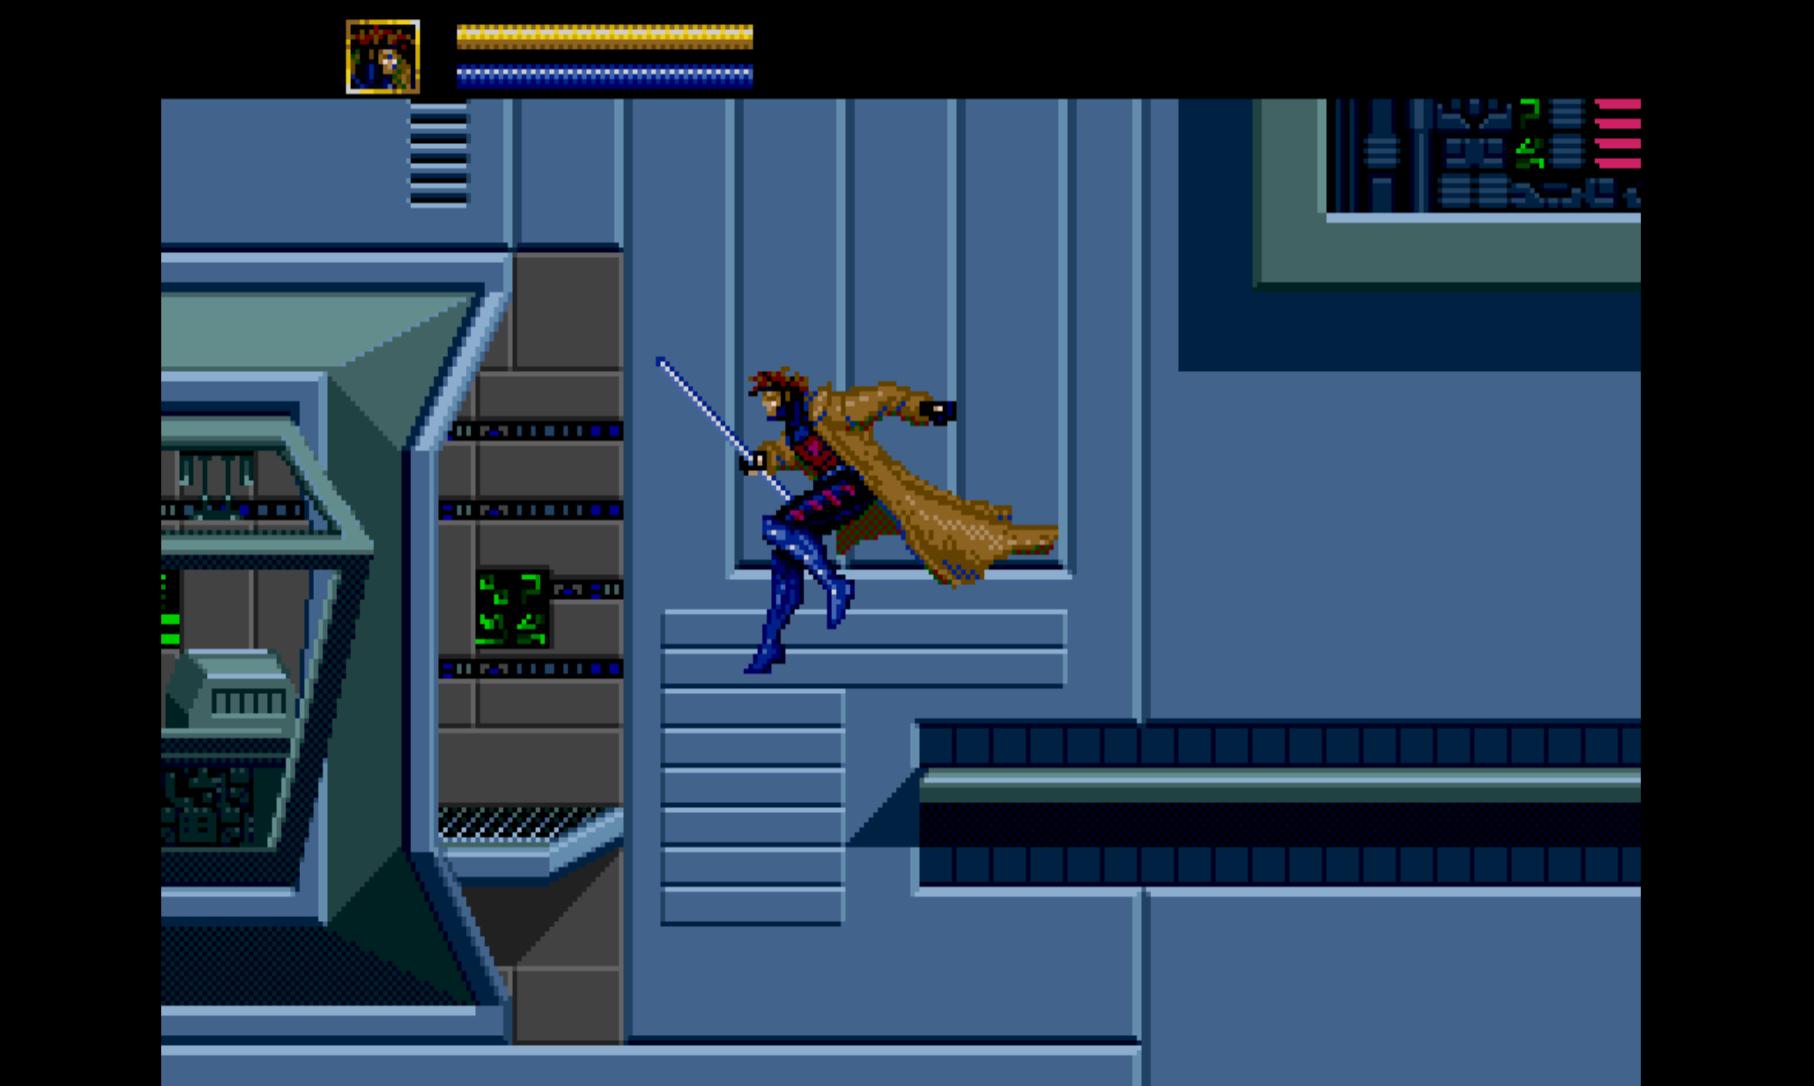 Gambit in the Danger Room